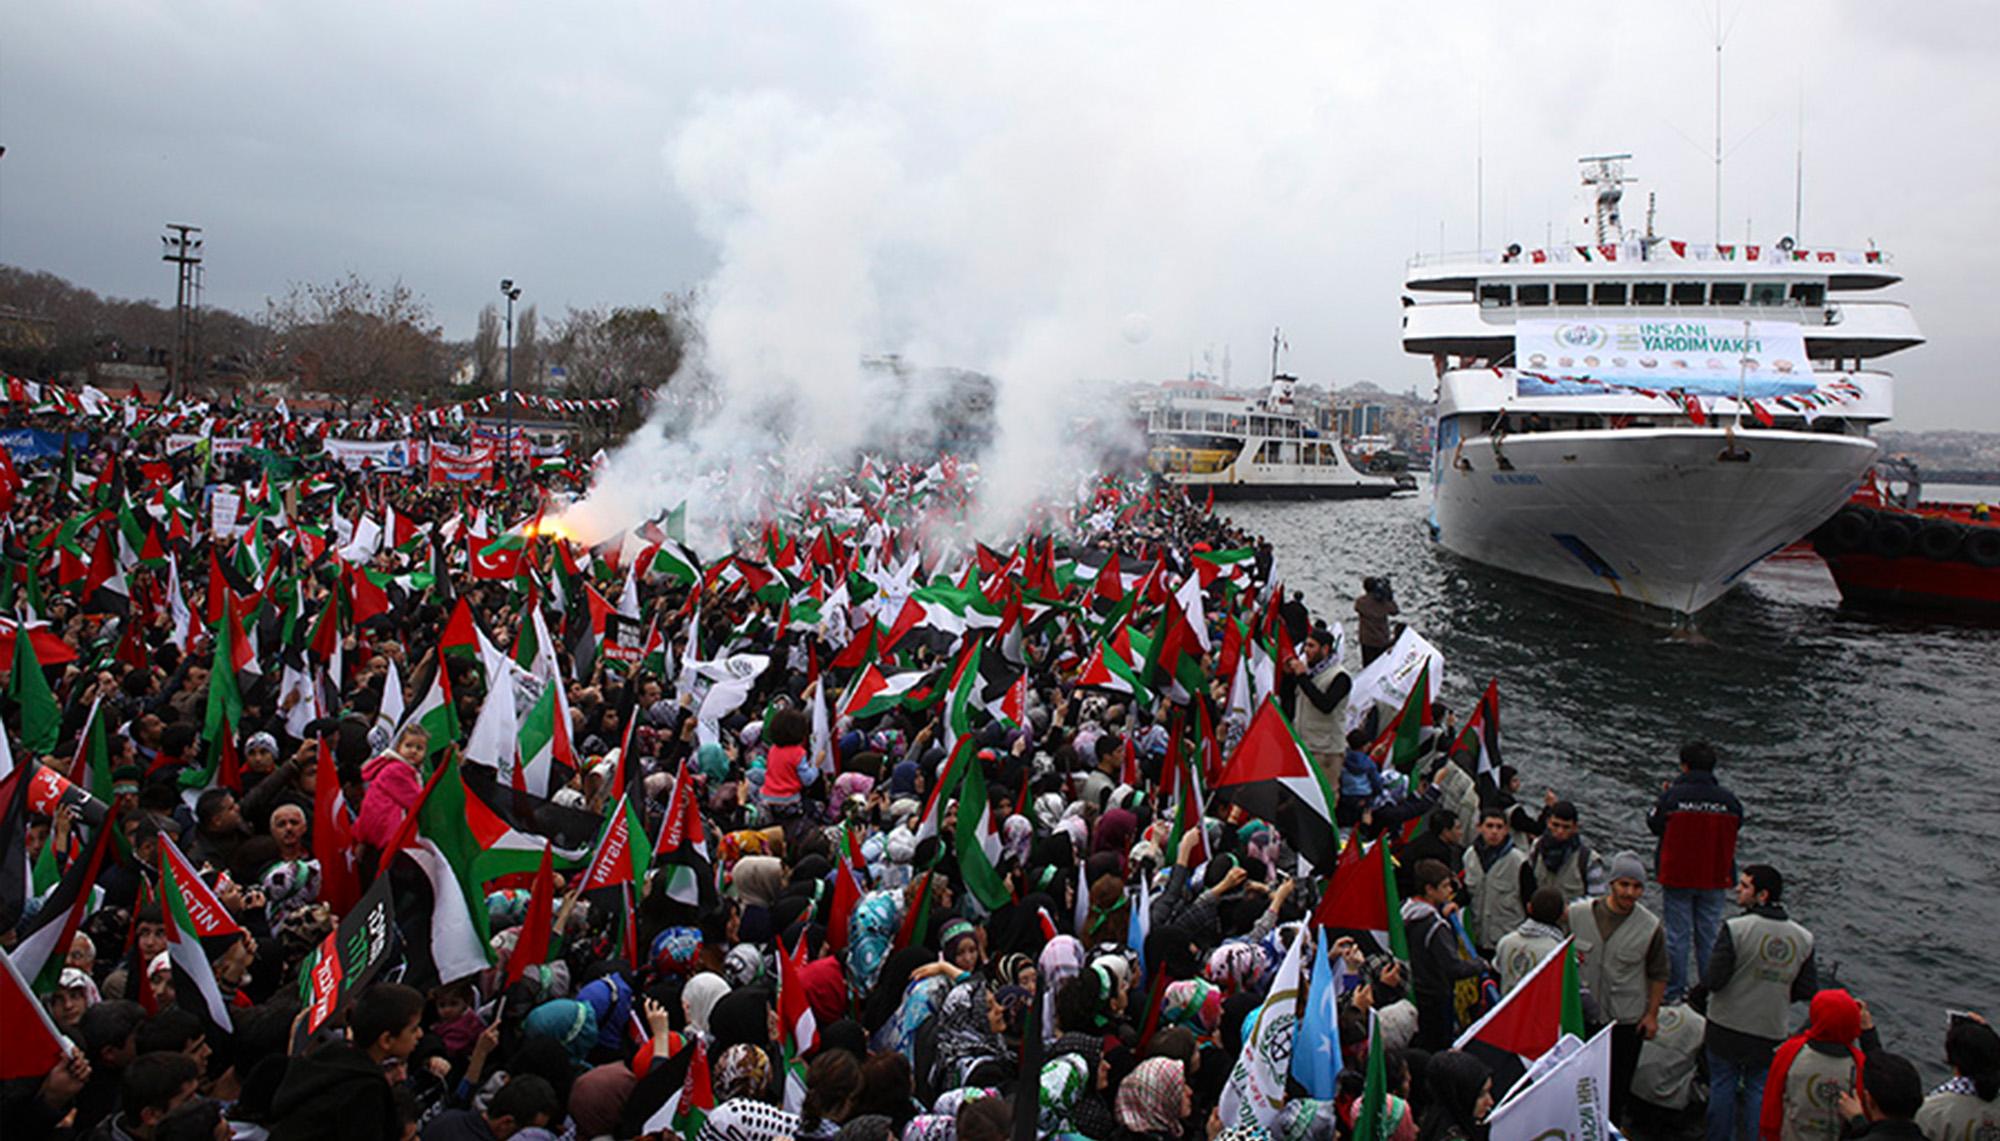 سفينة مافي مرمرة أسطول الحرية